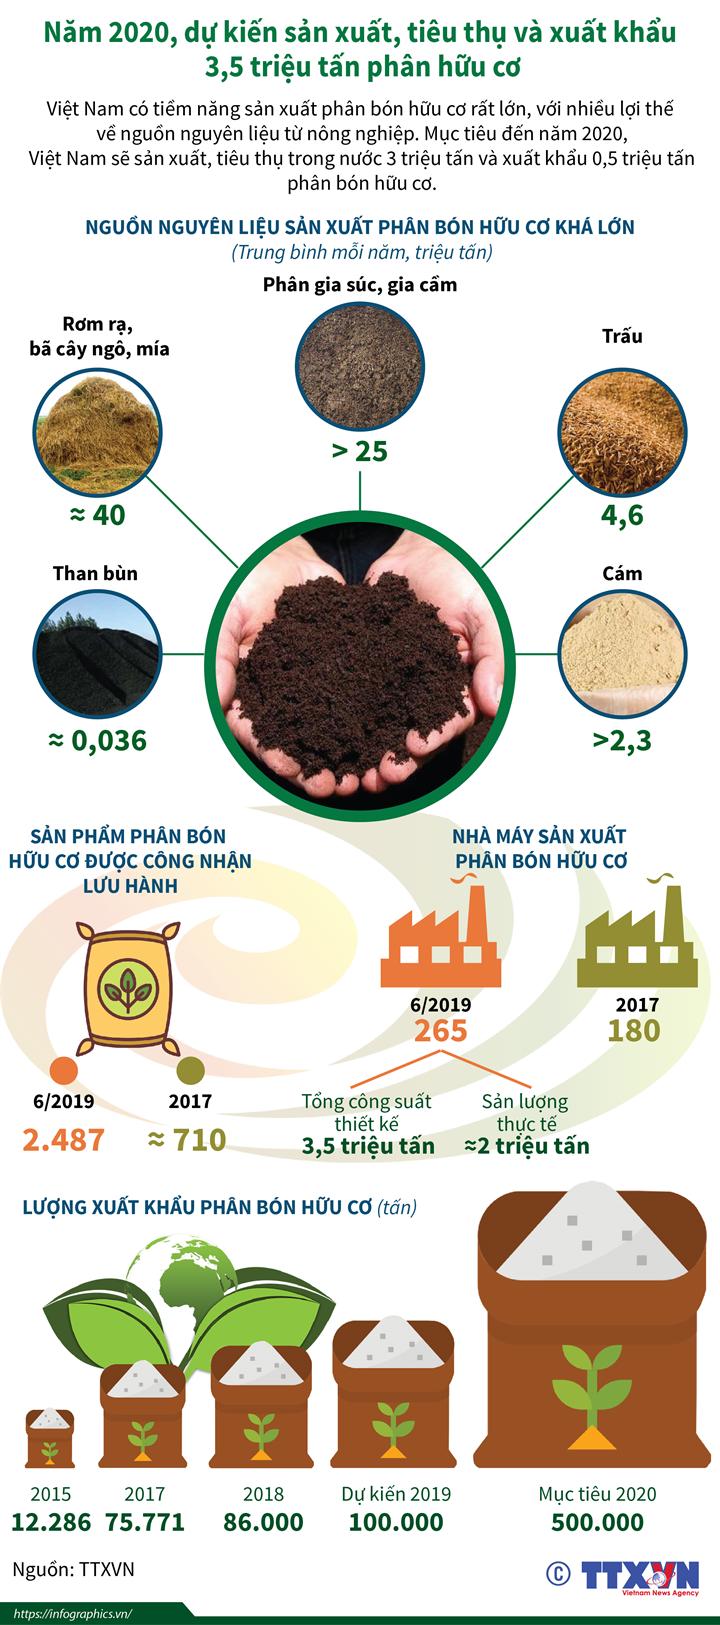 Thúc đẩy sản xuất, sử dụng và nâng cao chất lượng phân bón hữu cơ